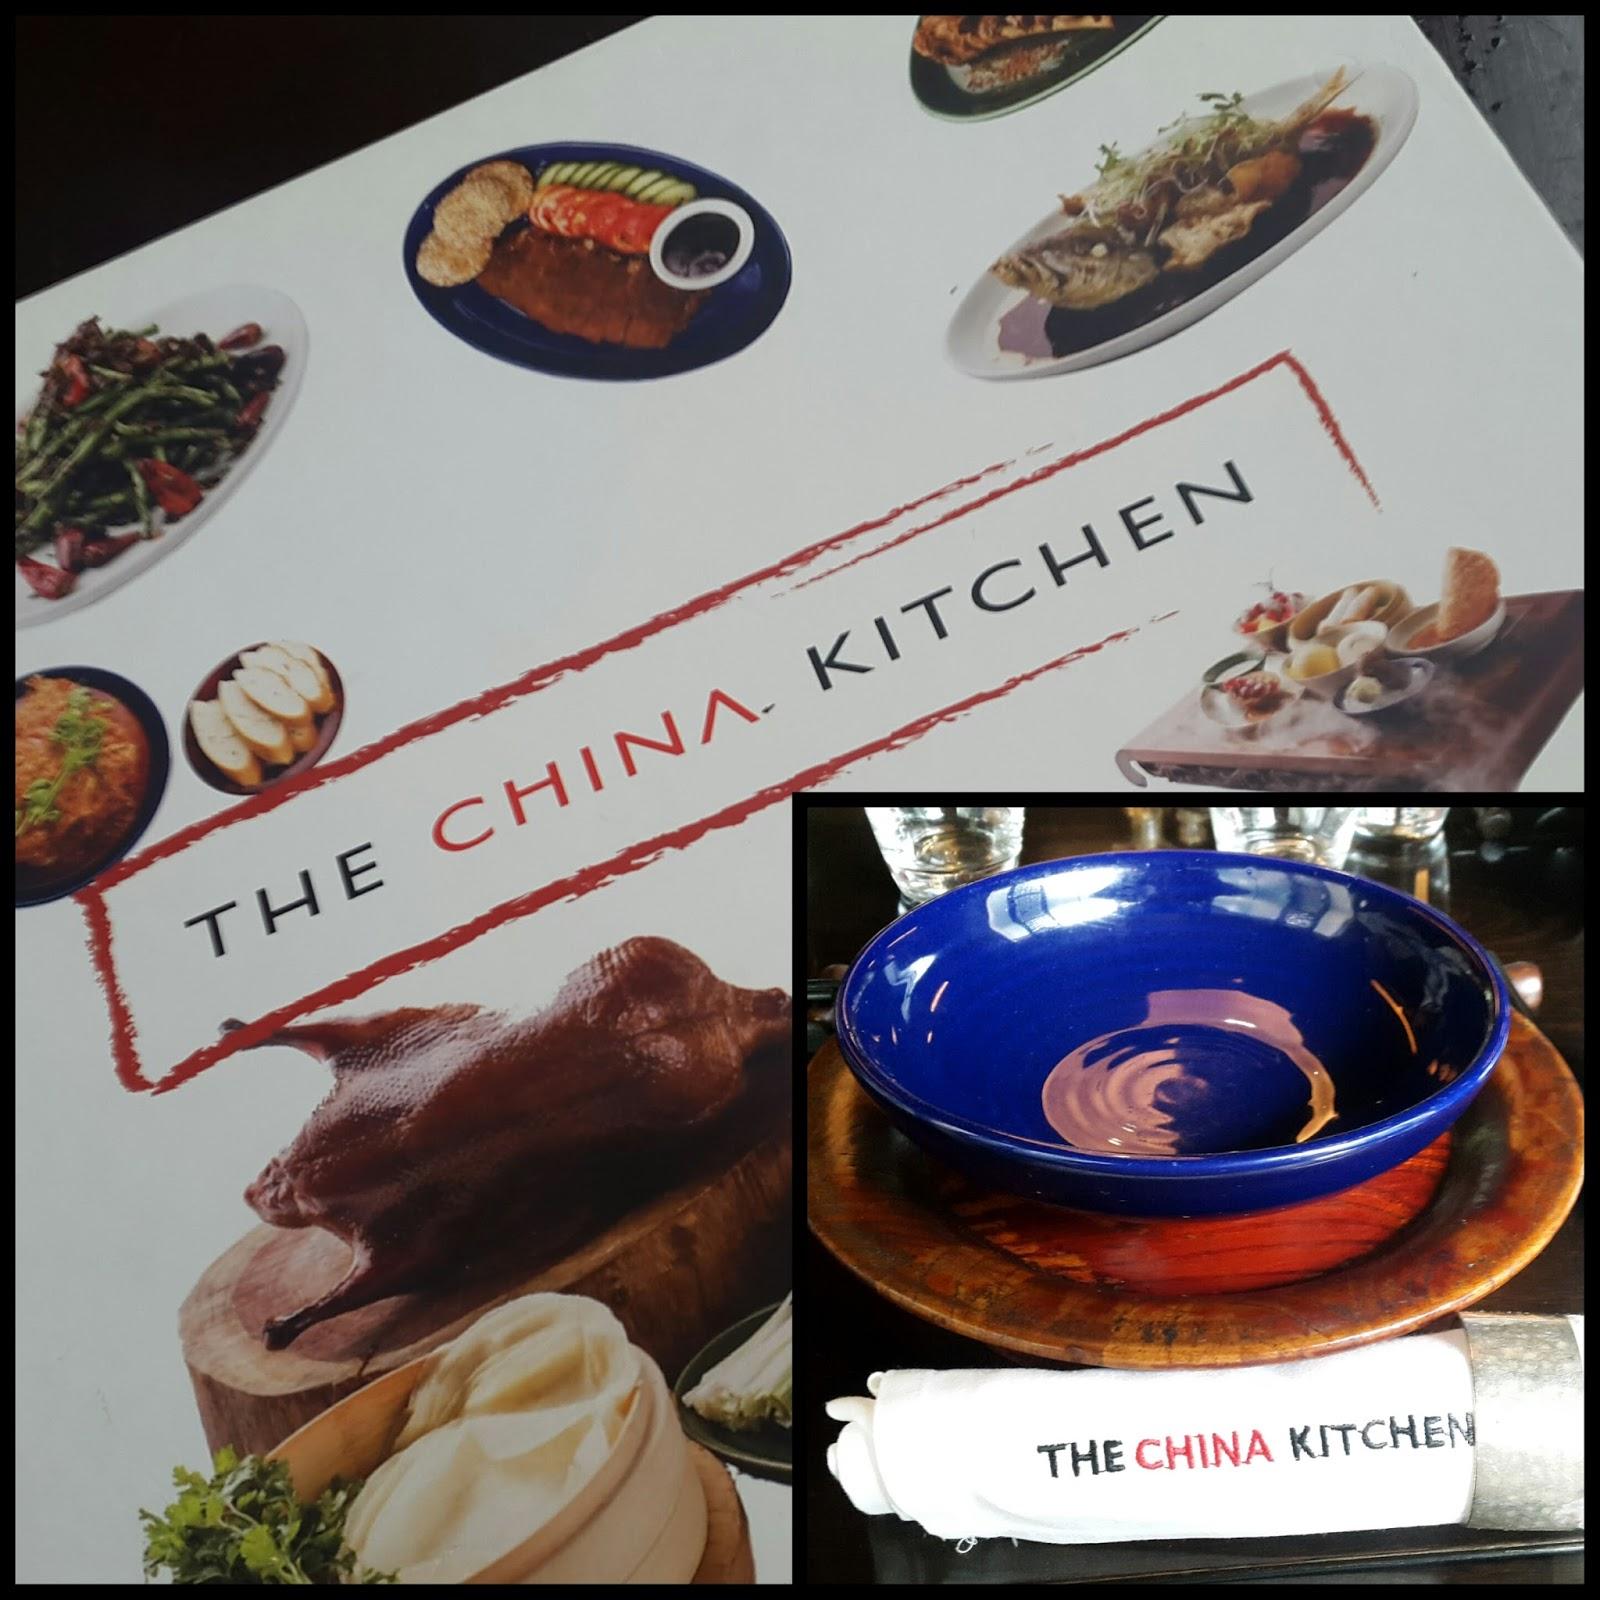 New China Kitchen 2: Foodmaniacs: NEW MENU AT THE CHINA KITCHEN